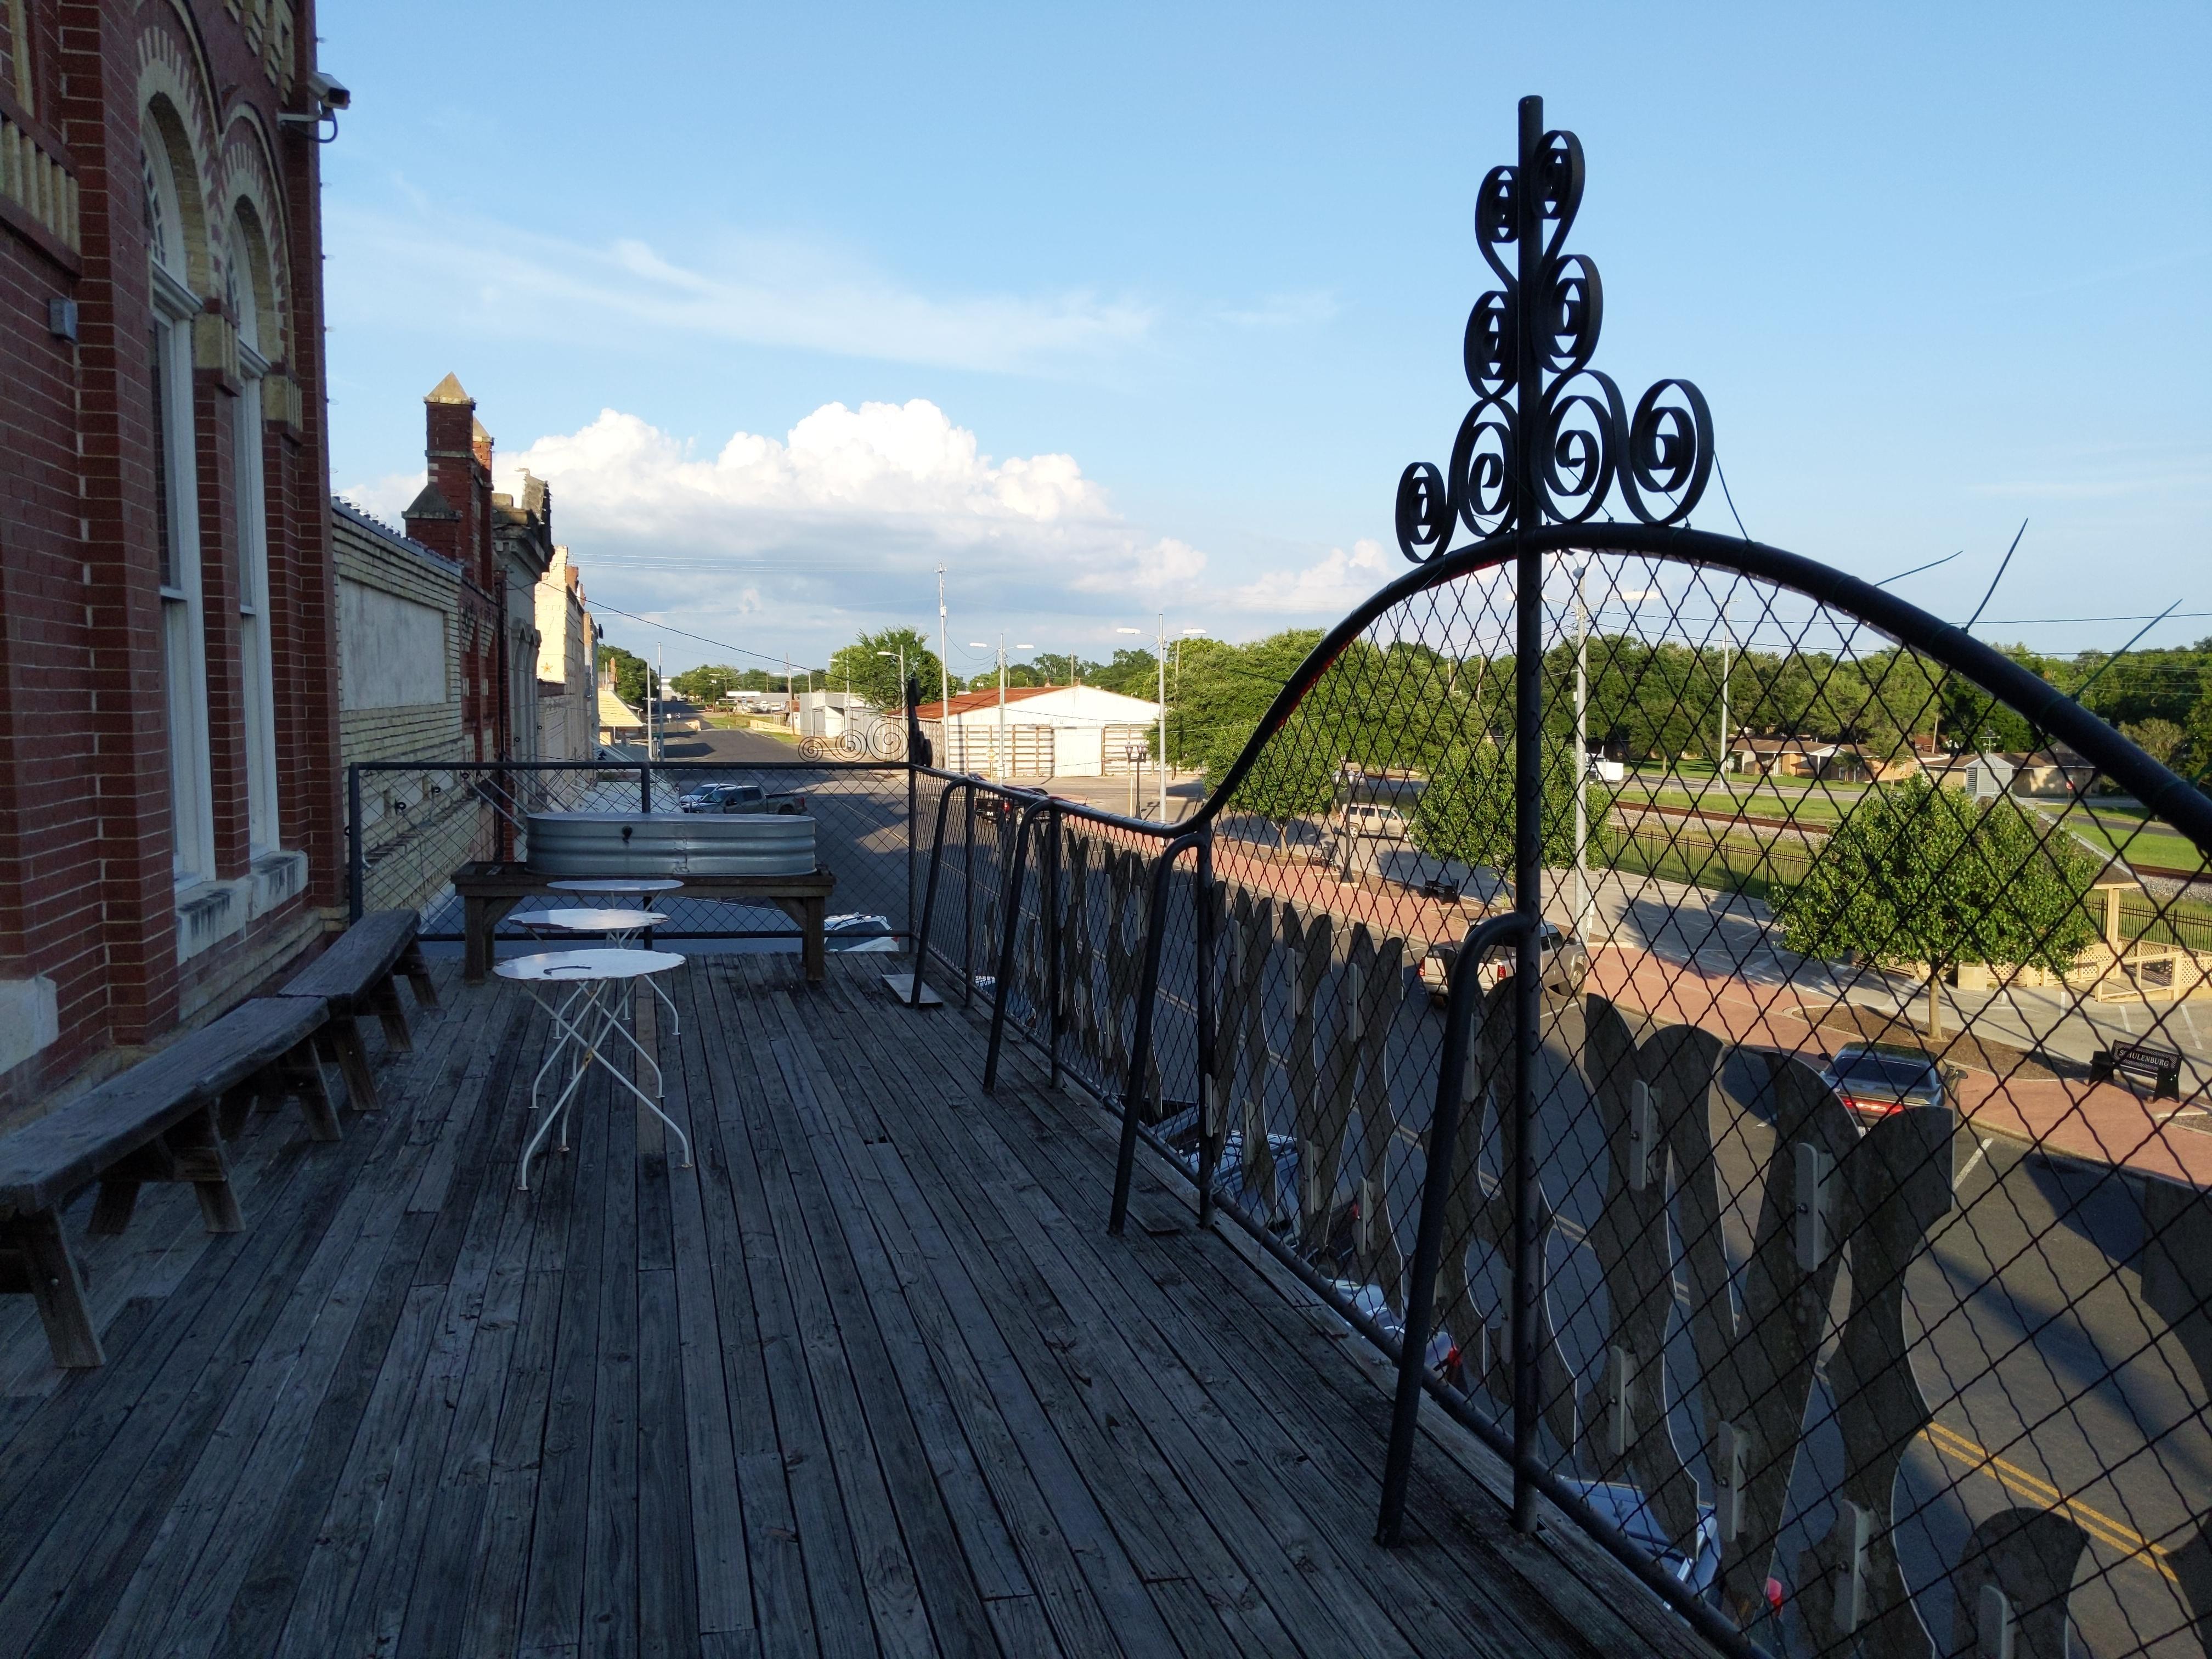 balcony looking over Main street